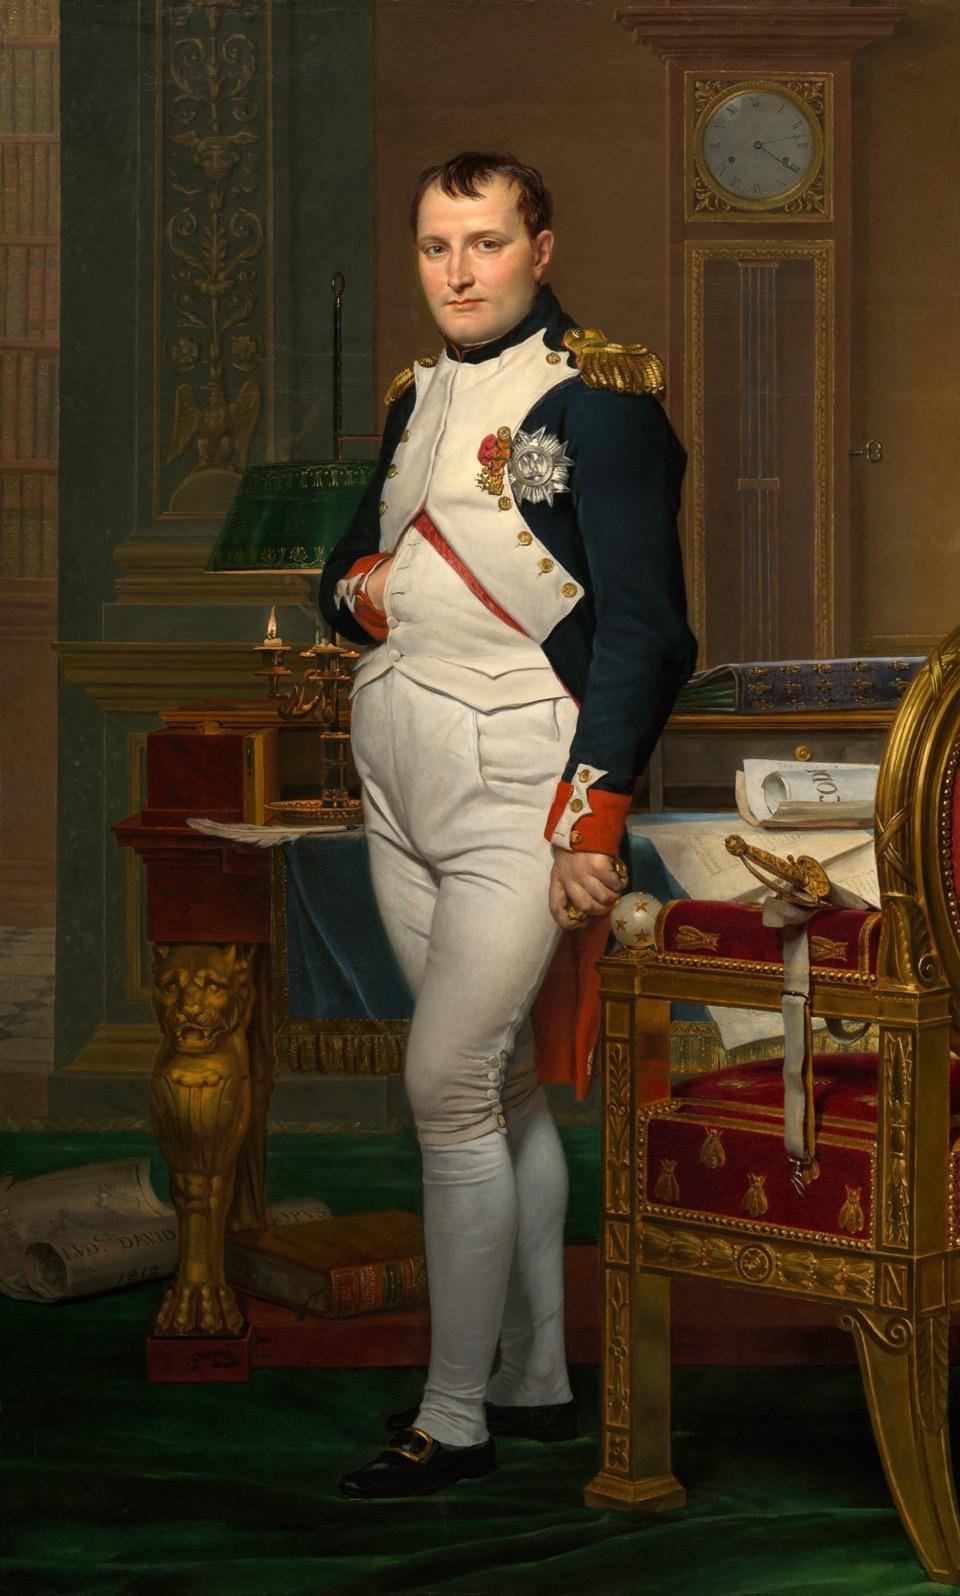 Gemälde von Jacques Louis David, das Napoleon im Arbeitszimmer zeigt, Google Art Project 2